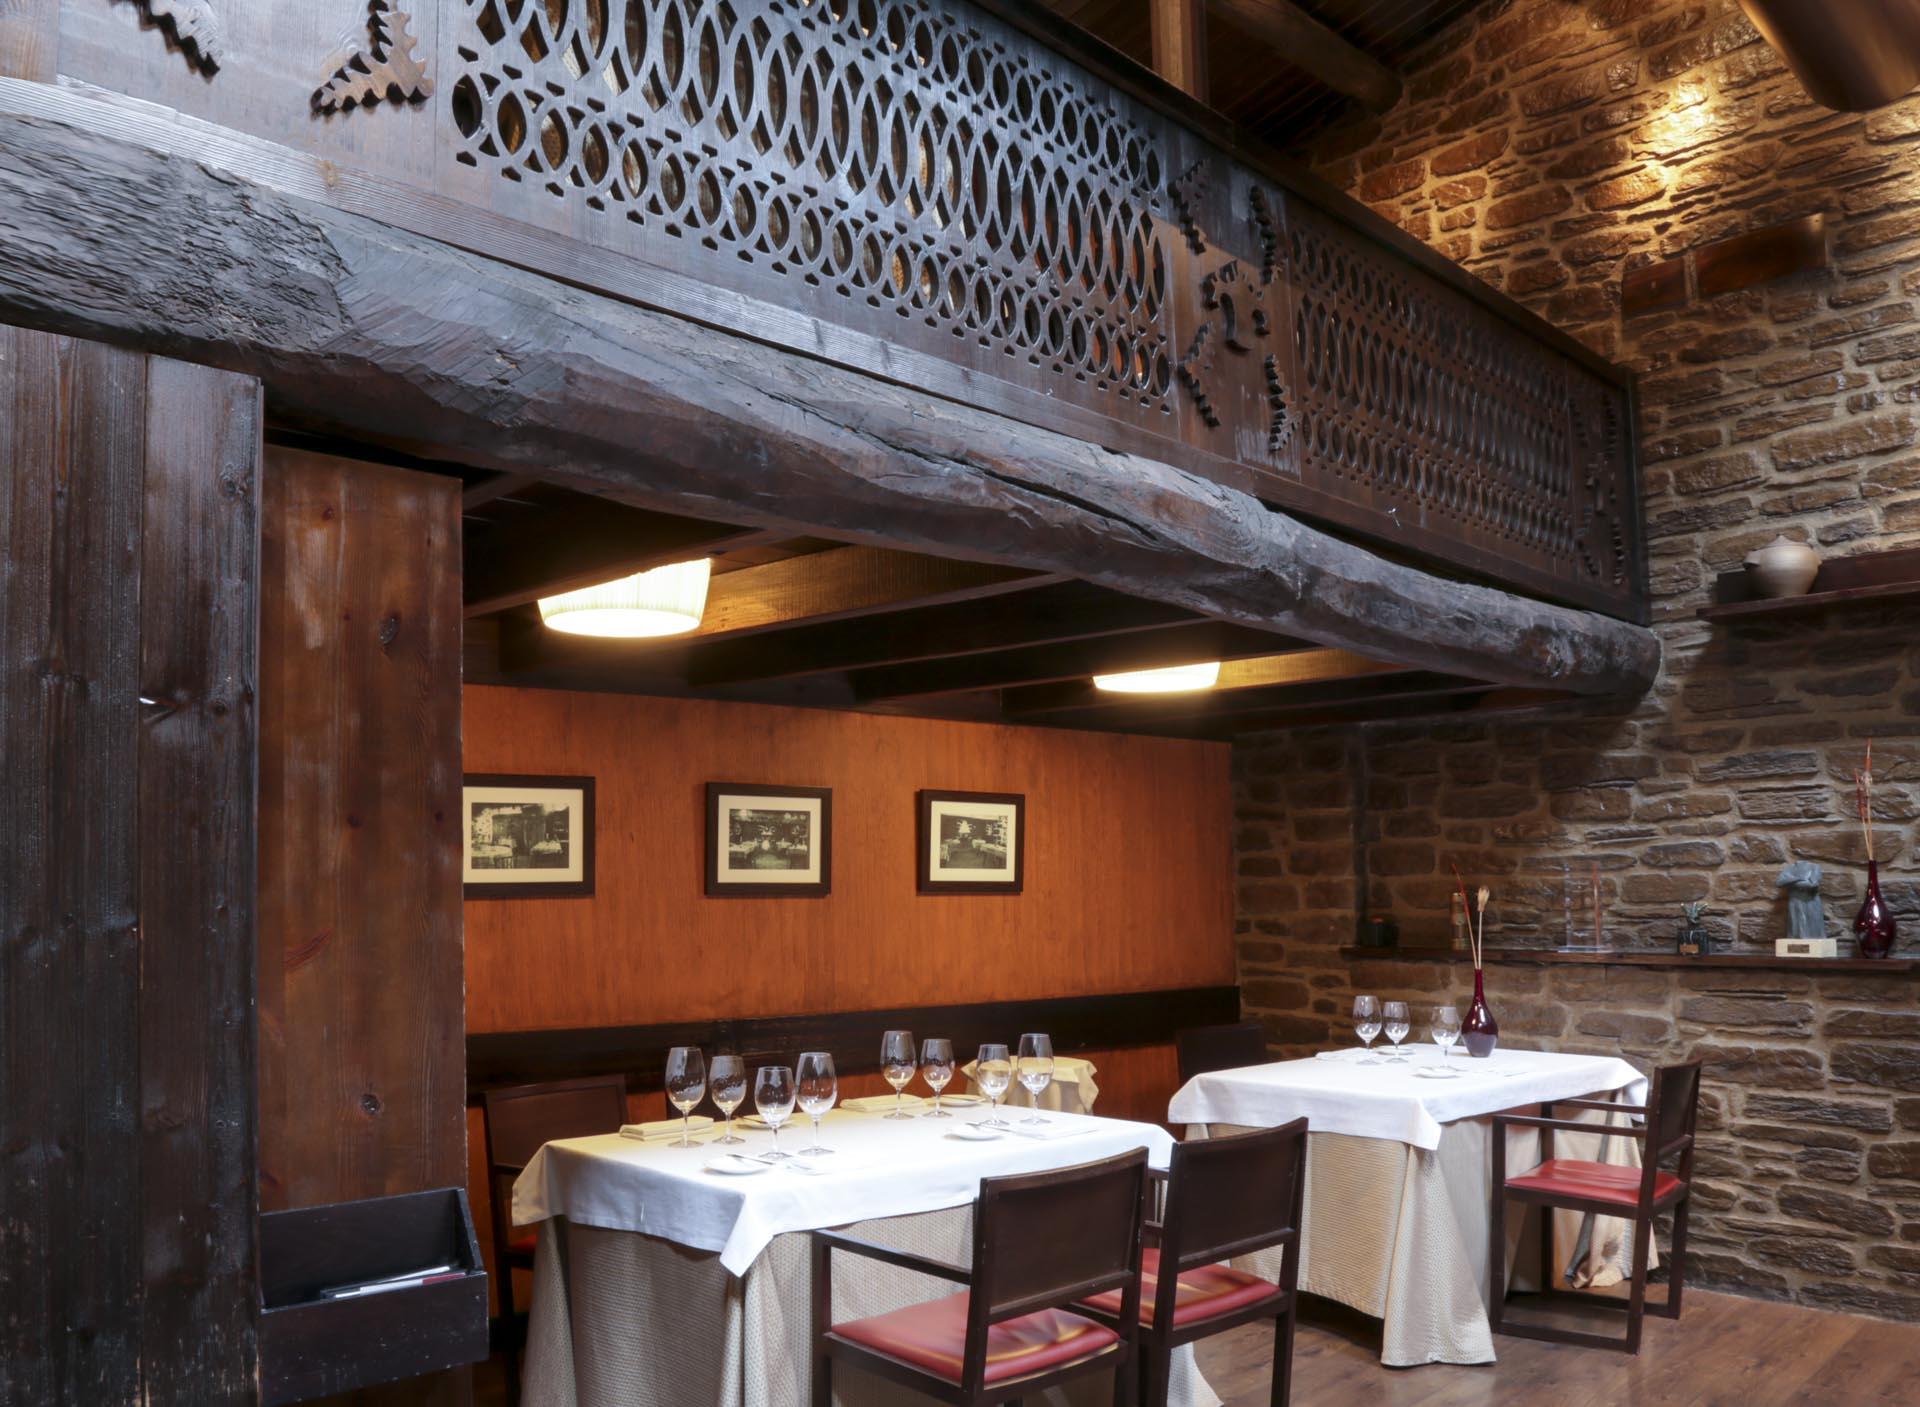 La casa restaurante casa gerardo - Casa gerardo pedrezuela ...